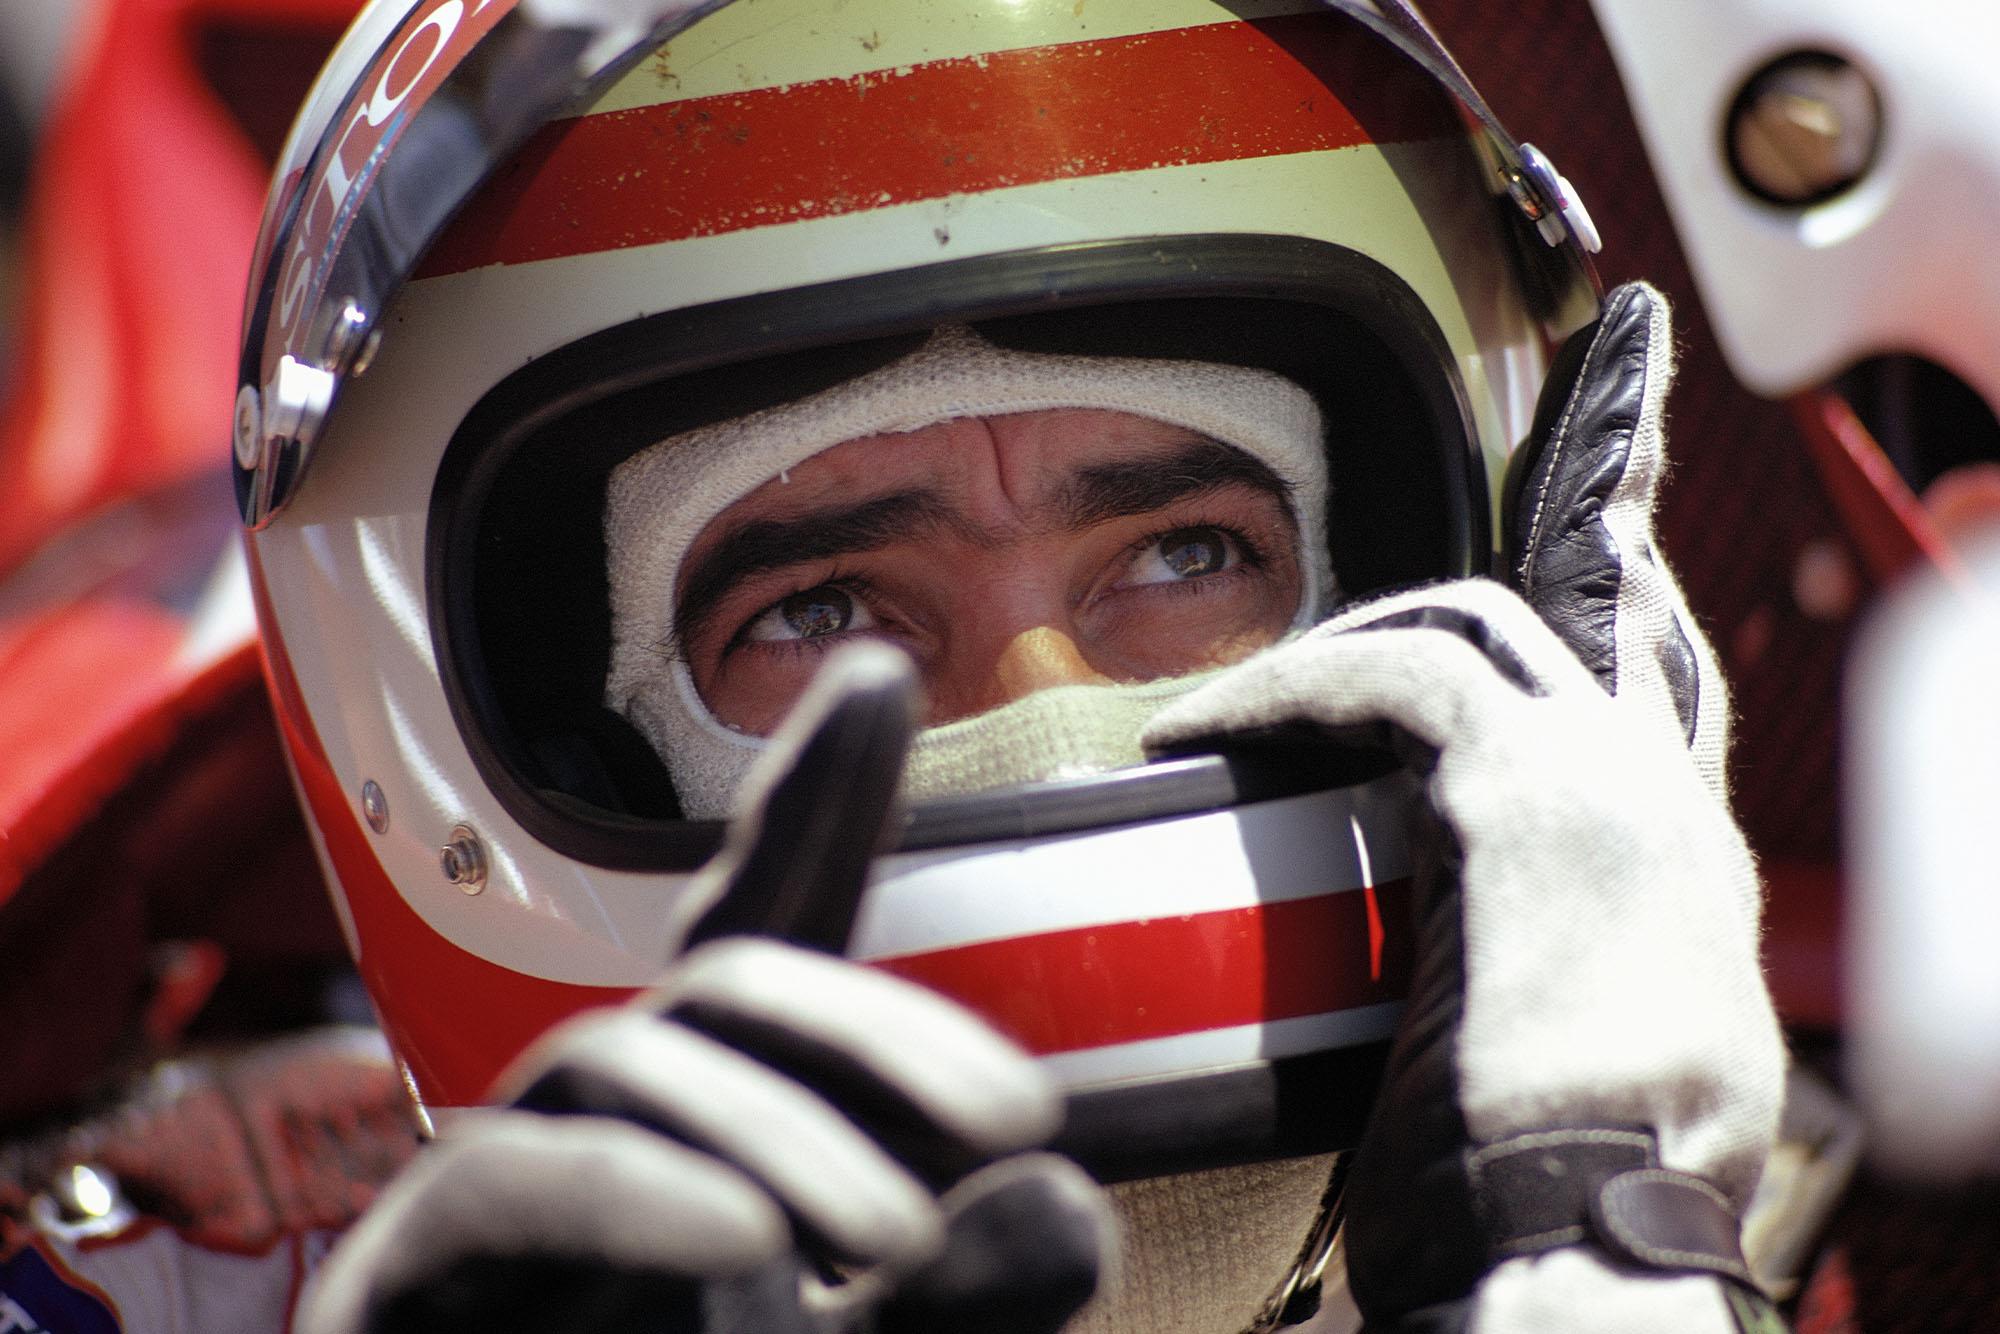 Clay Regazzoni before the 1971 French Grand Prix